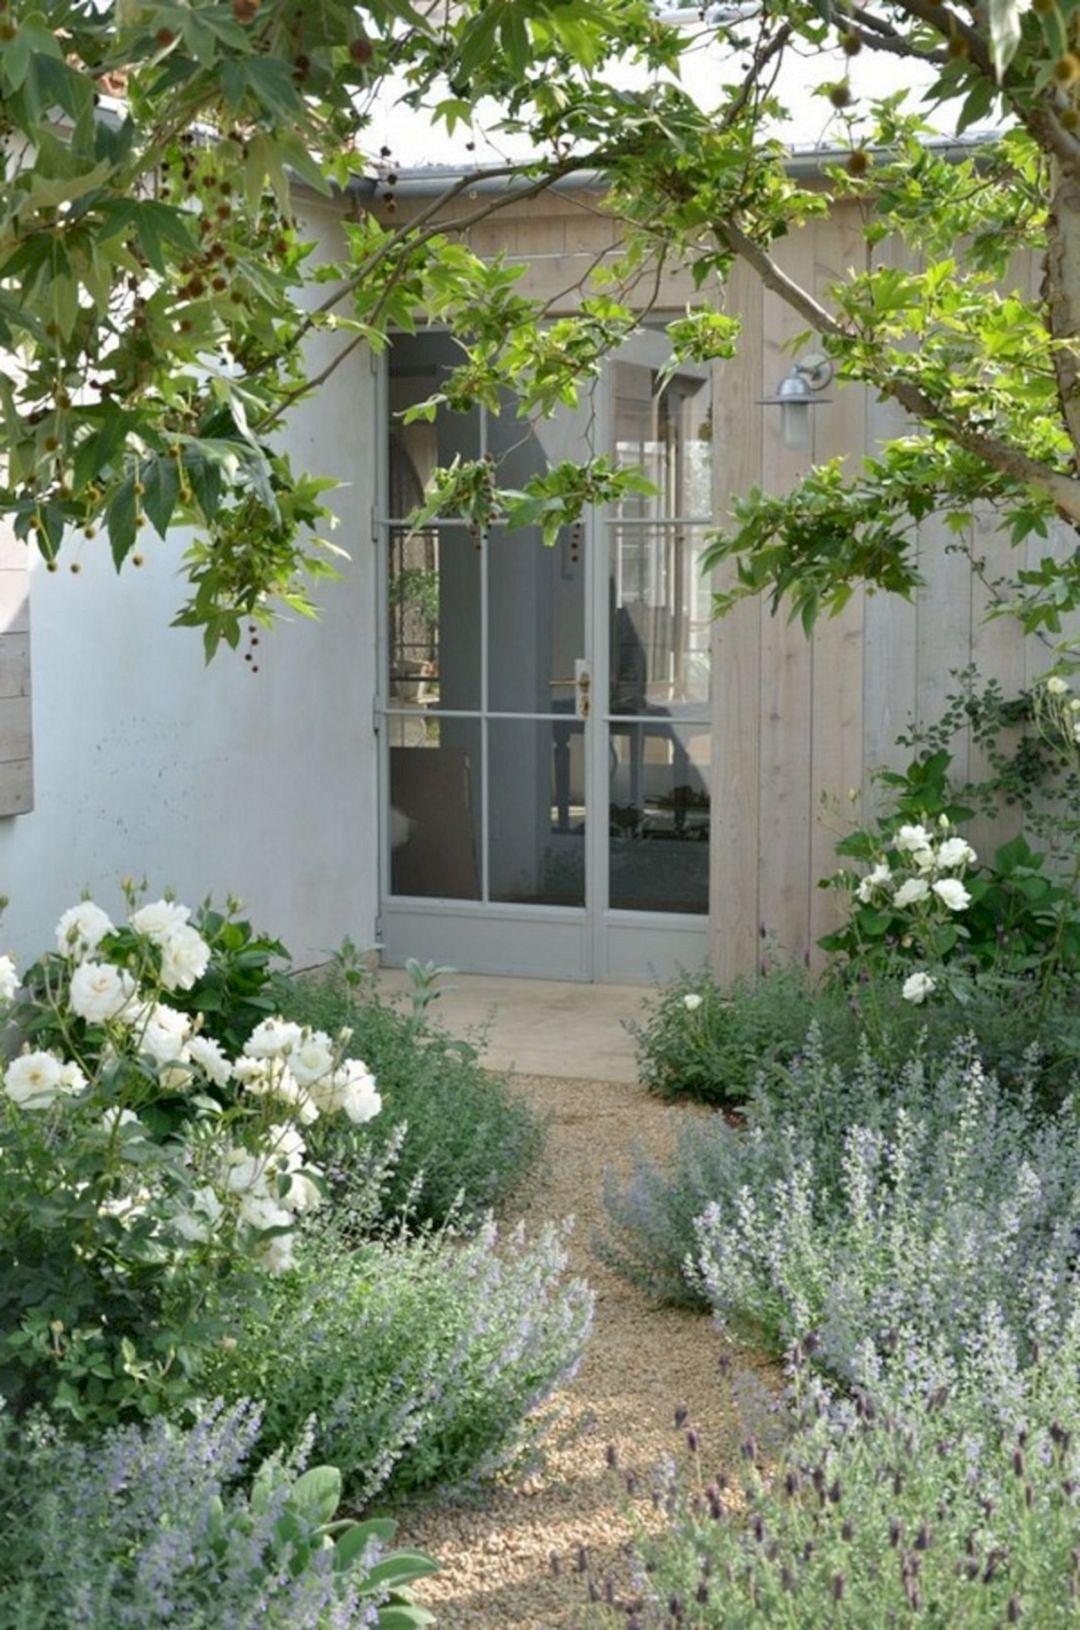 8 Most Amazing Mediterranean Garden Design Ideas For Your Backyard ...